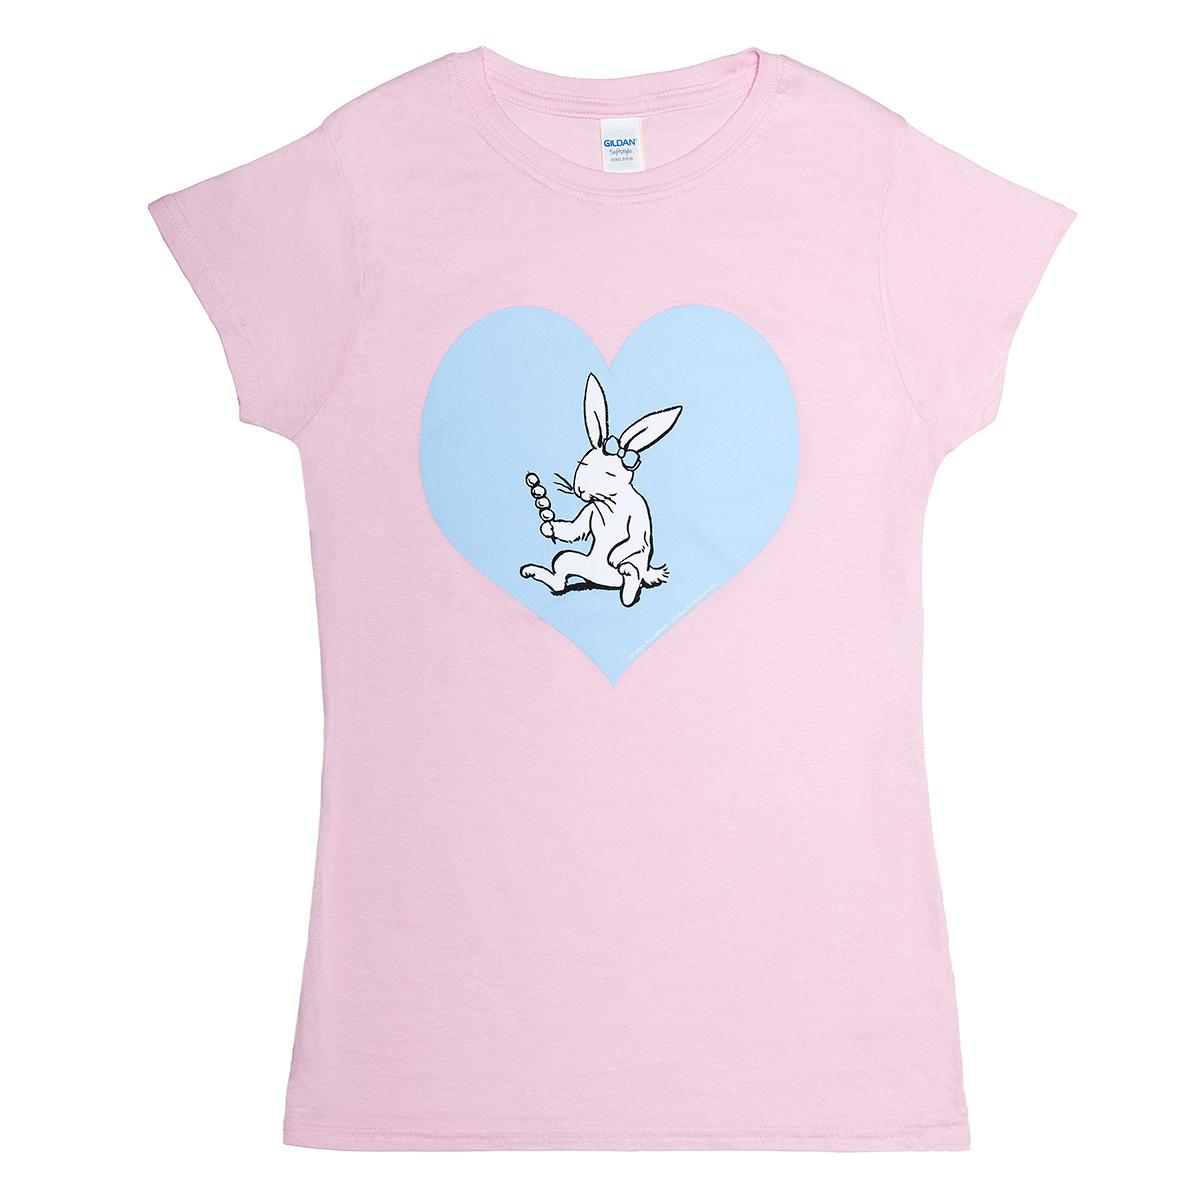 Mimi t-shirt (M)